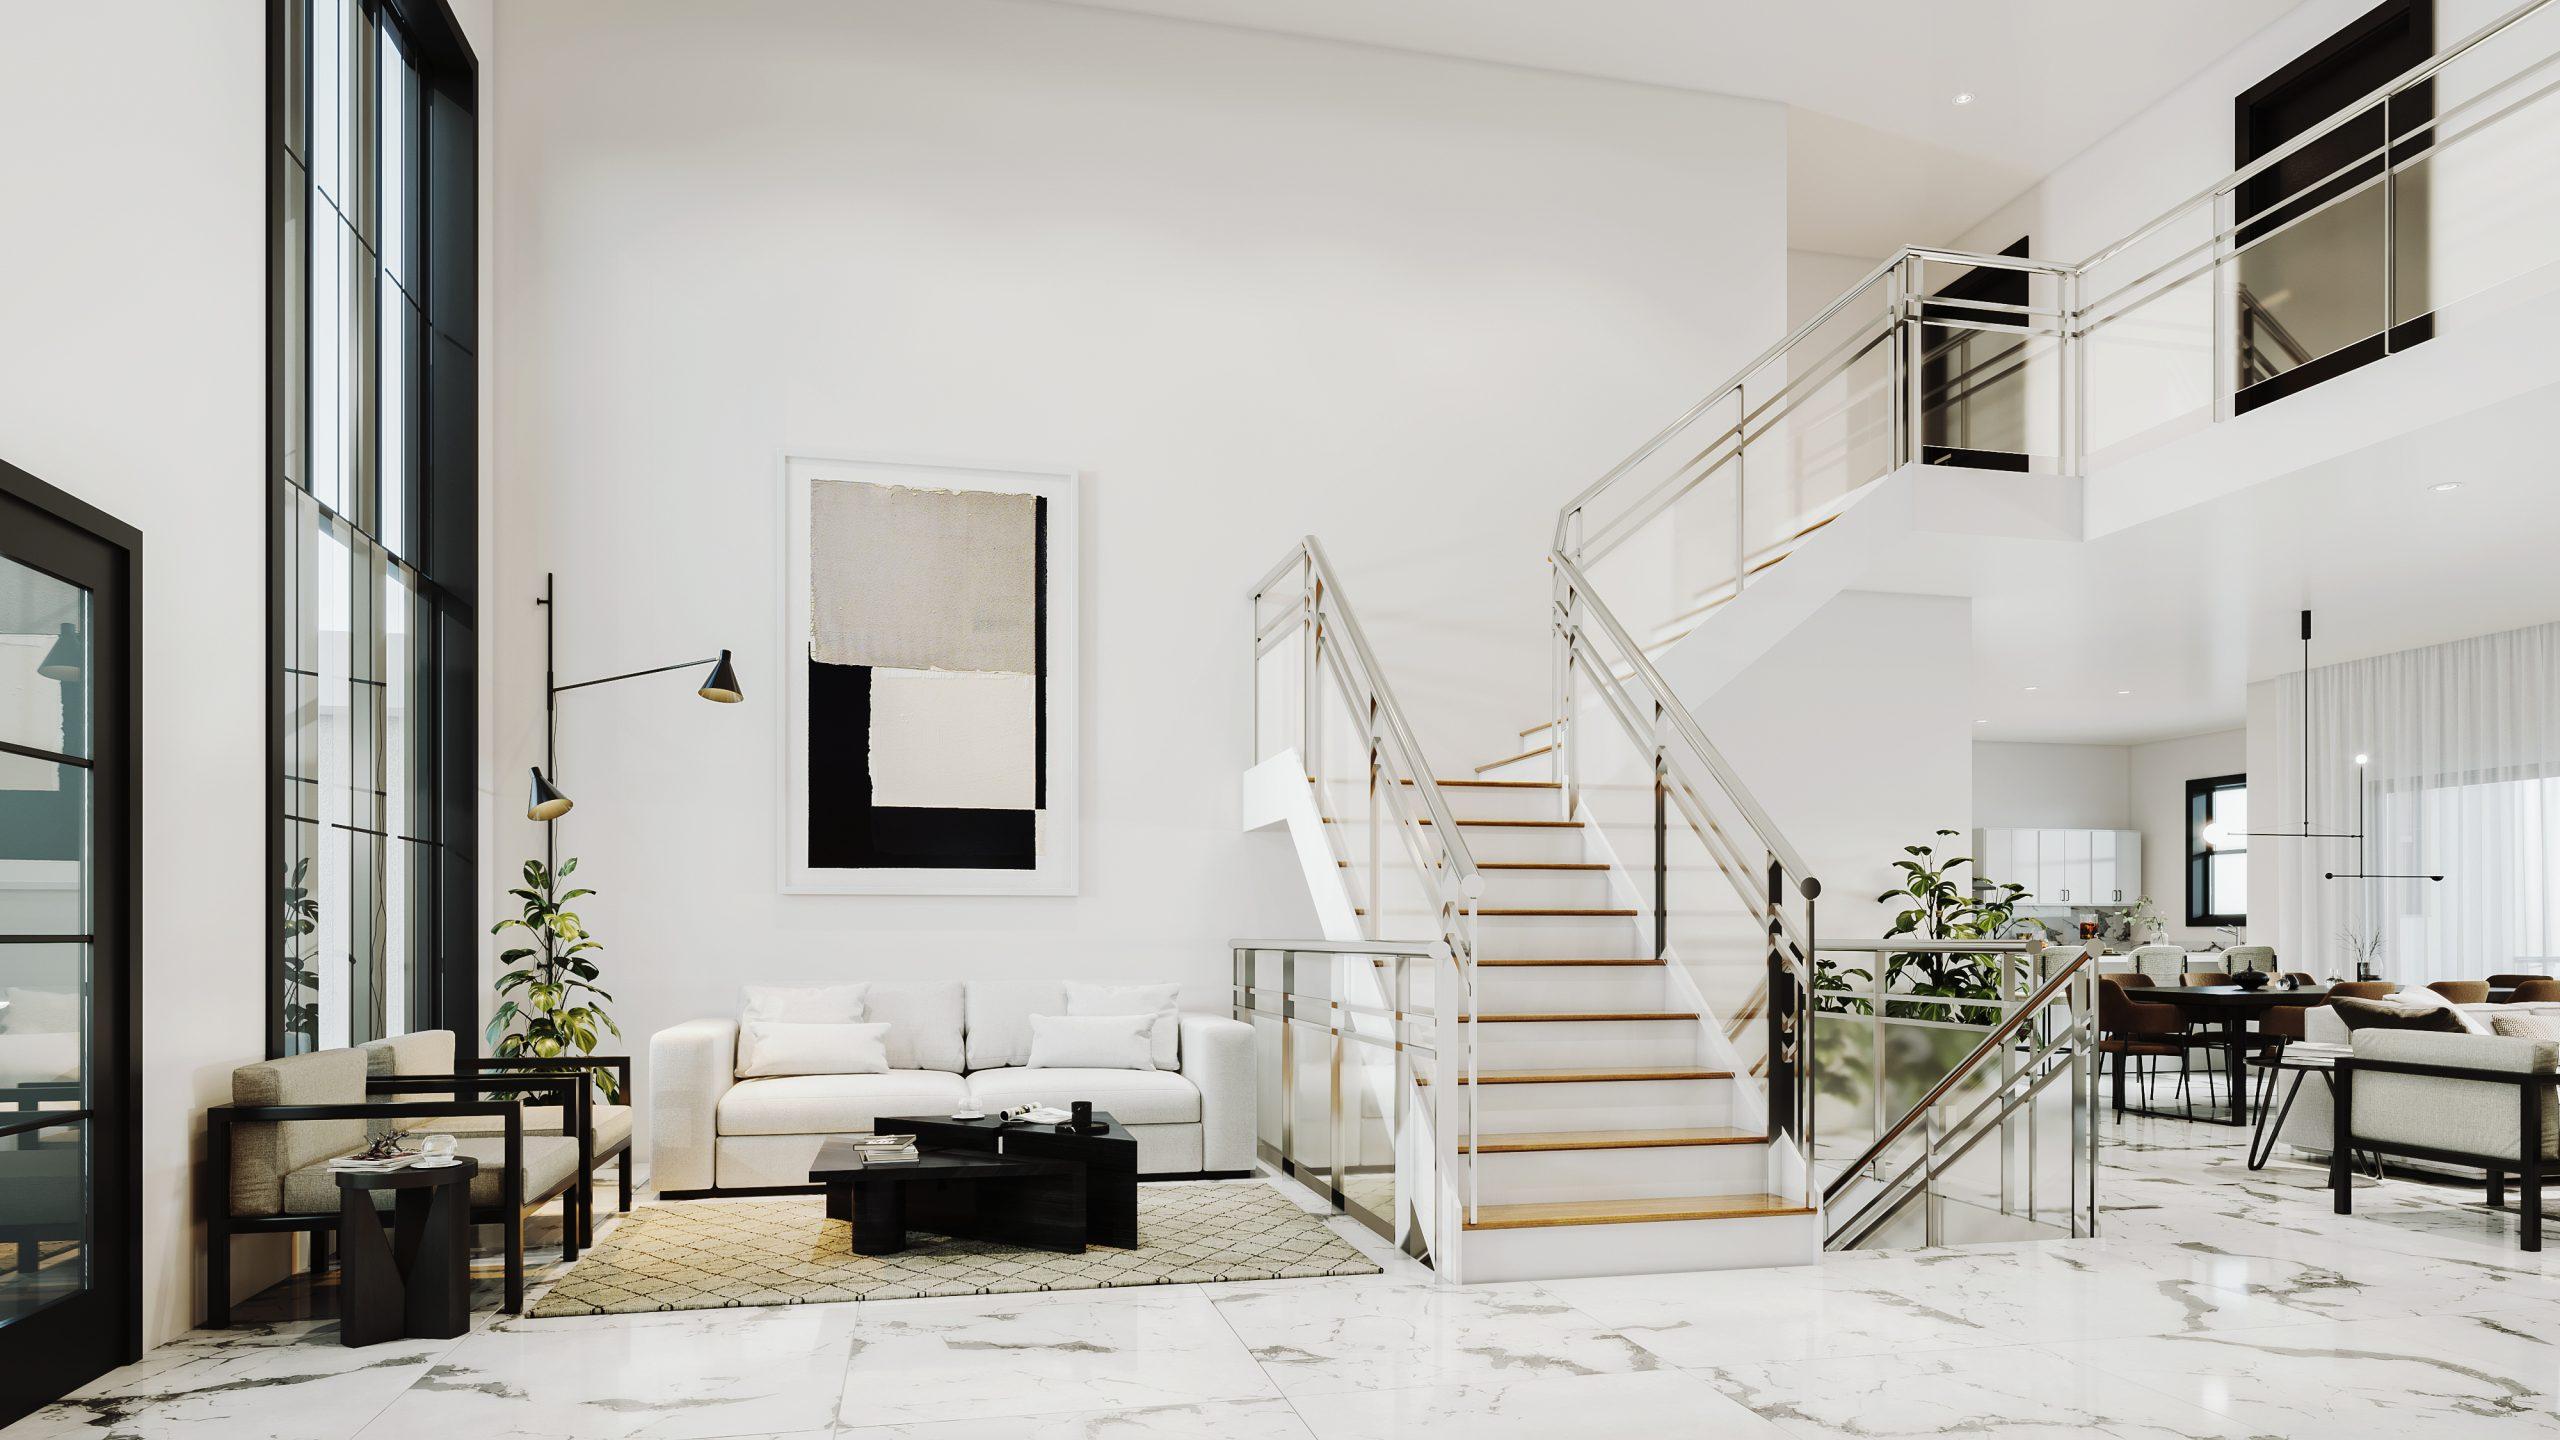 Coquitlam interior designer